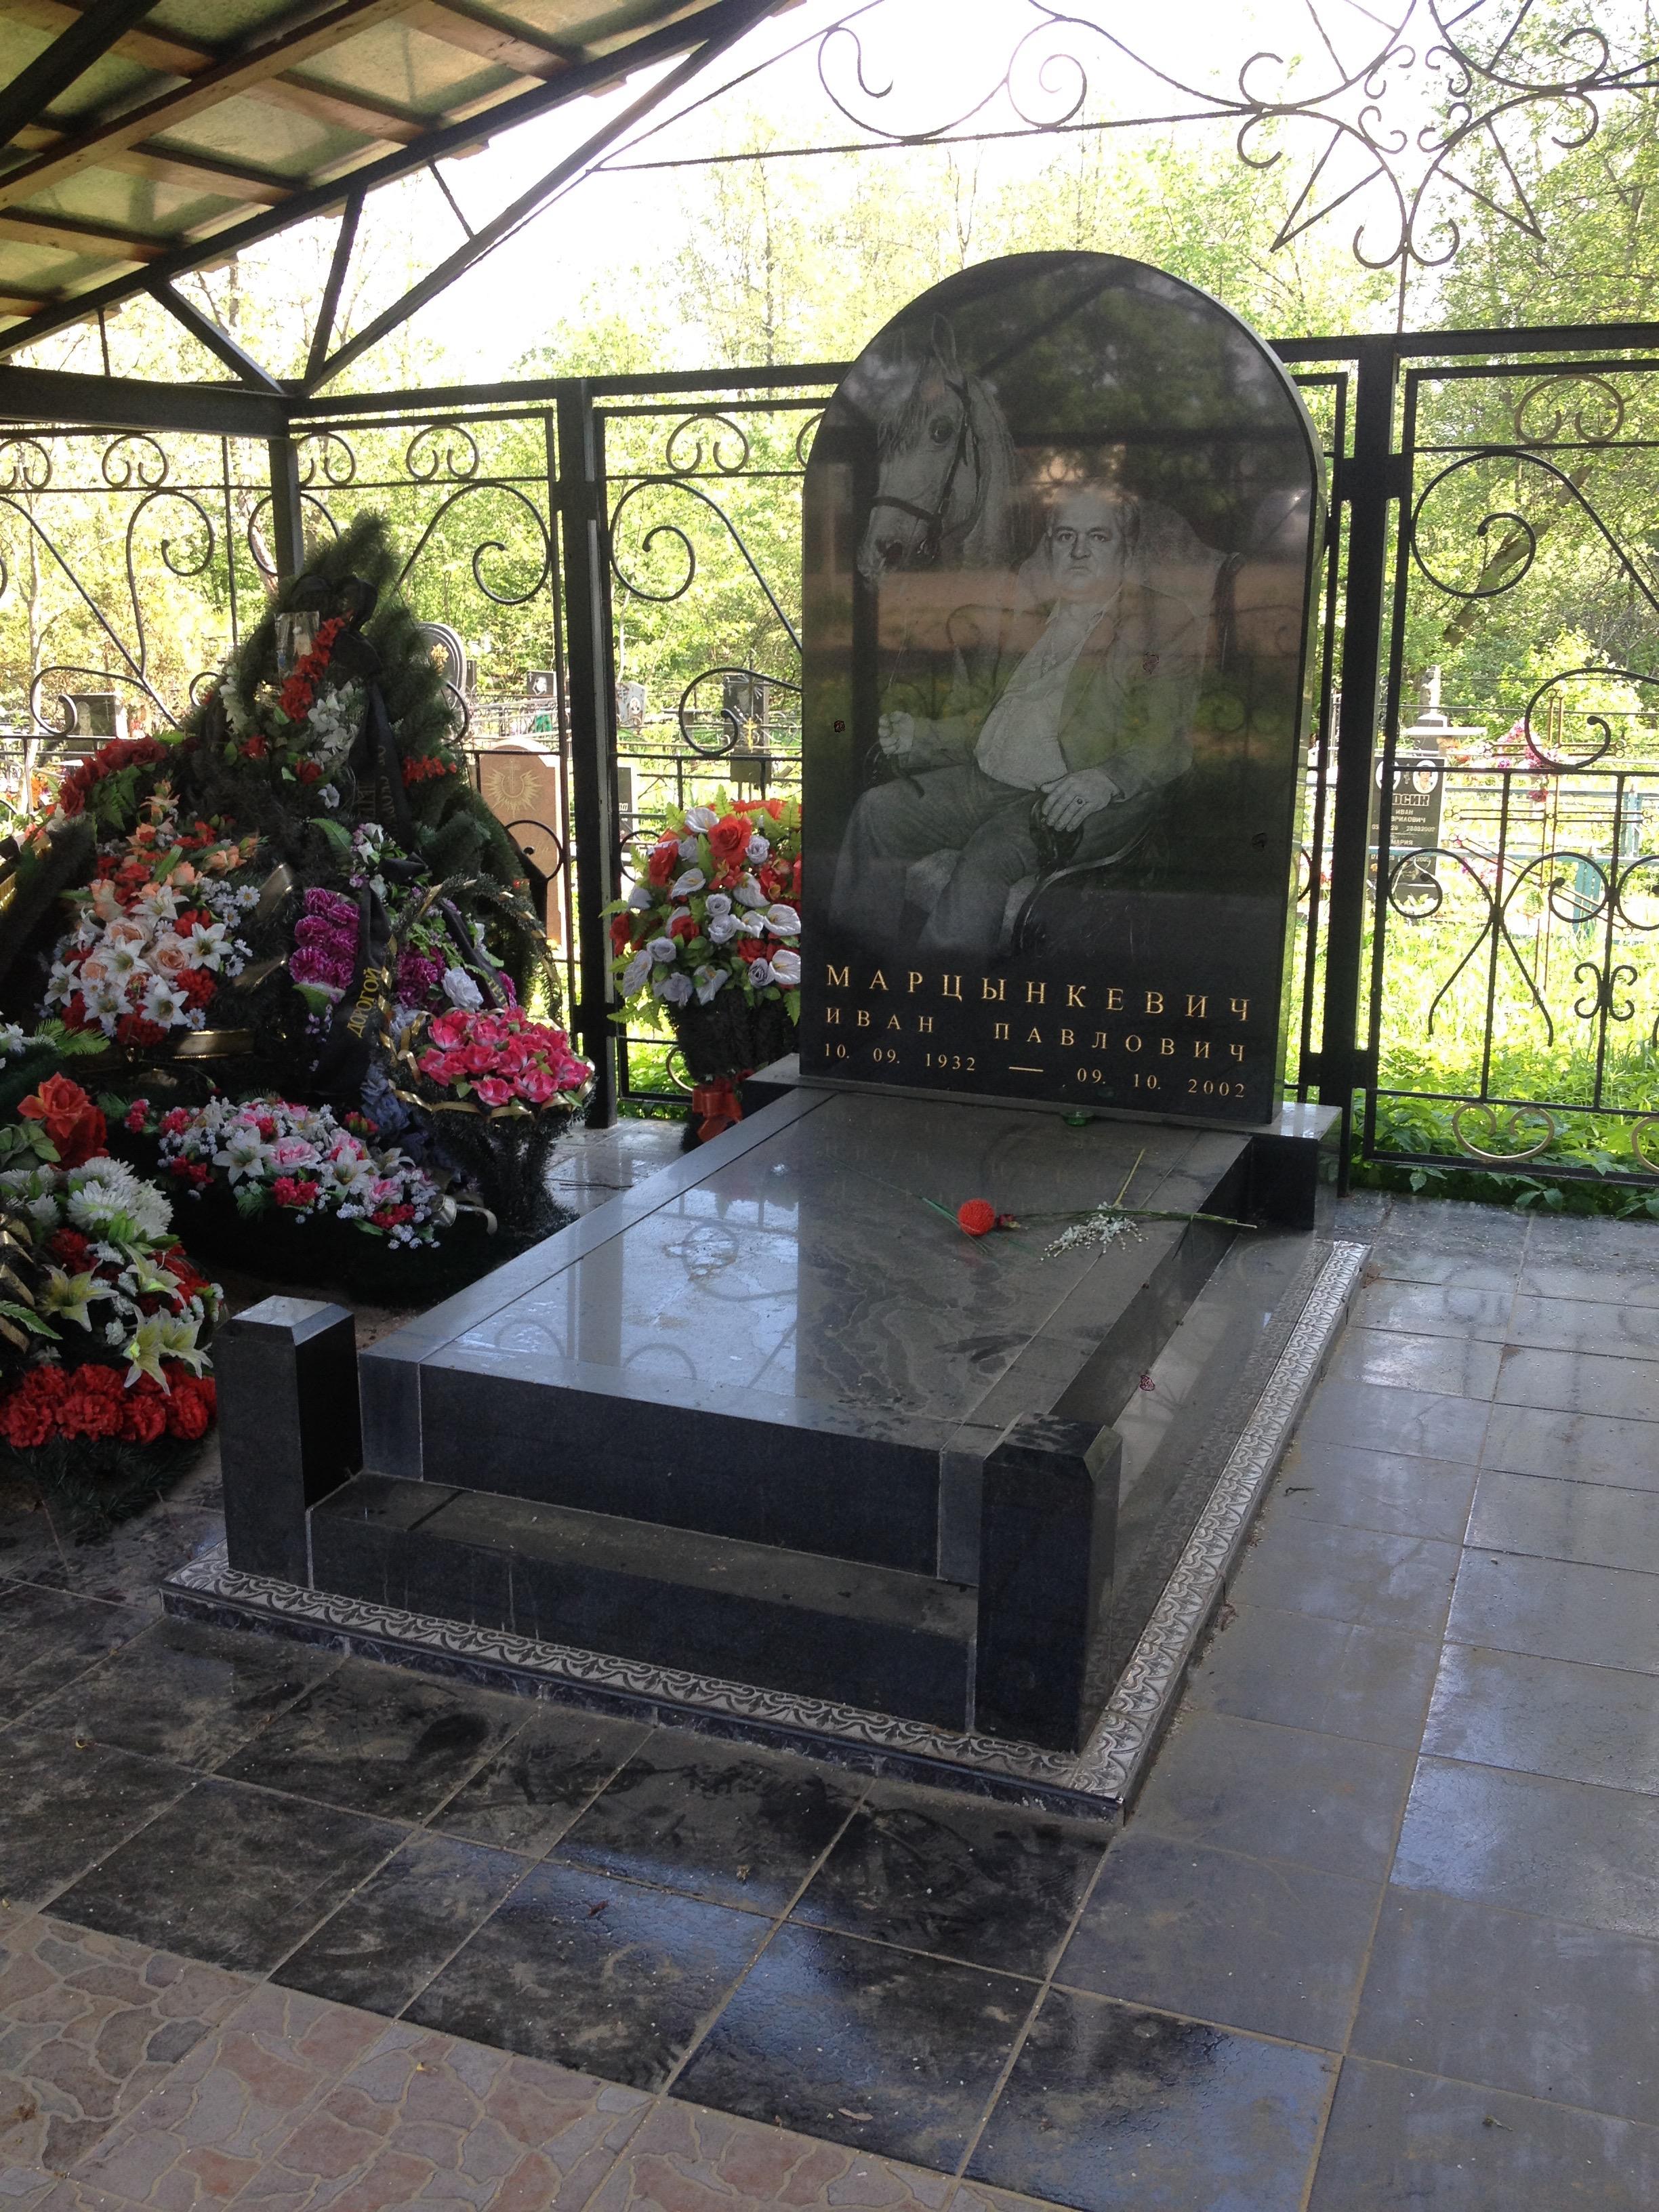 Недорогие памятники на могилу спб цена памятник с ангелом Тотьма